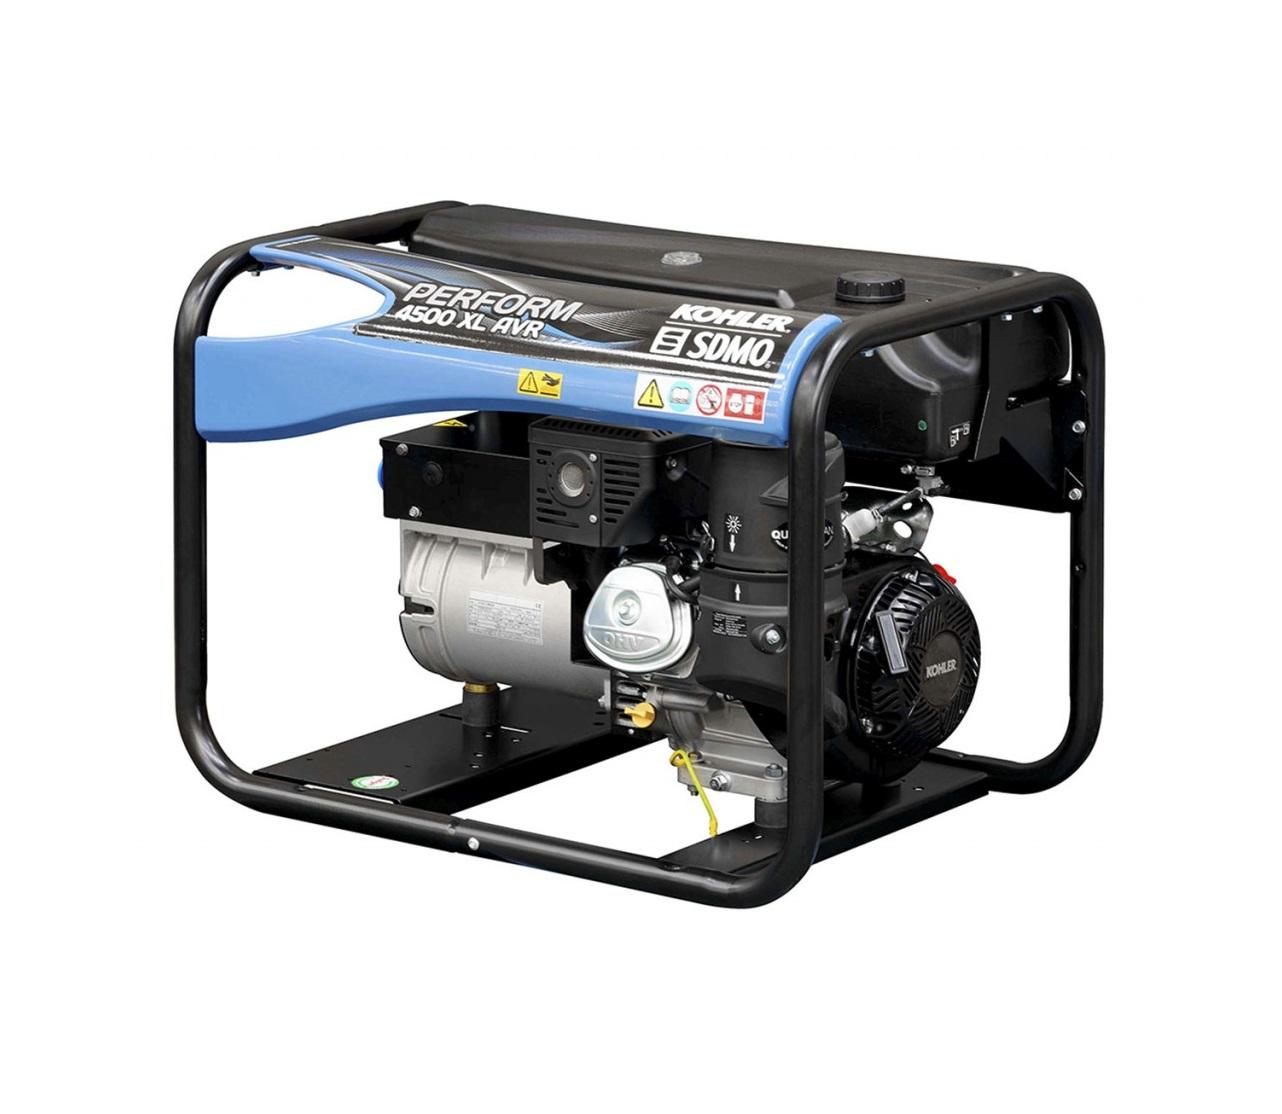 Бензиновый генератор (Бензогенератор) SDMO PERFORM 4500 XL AVR